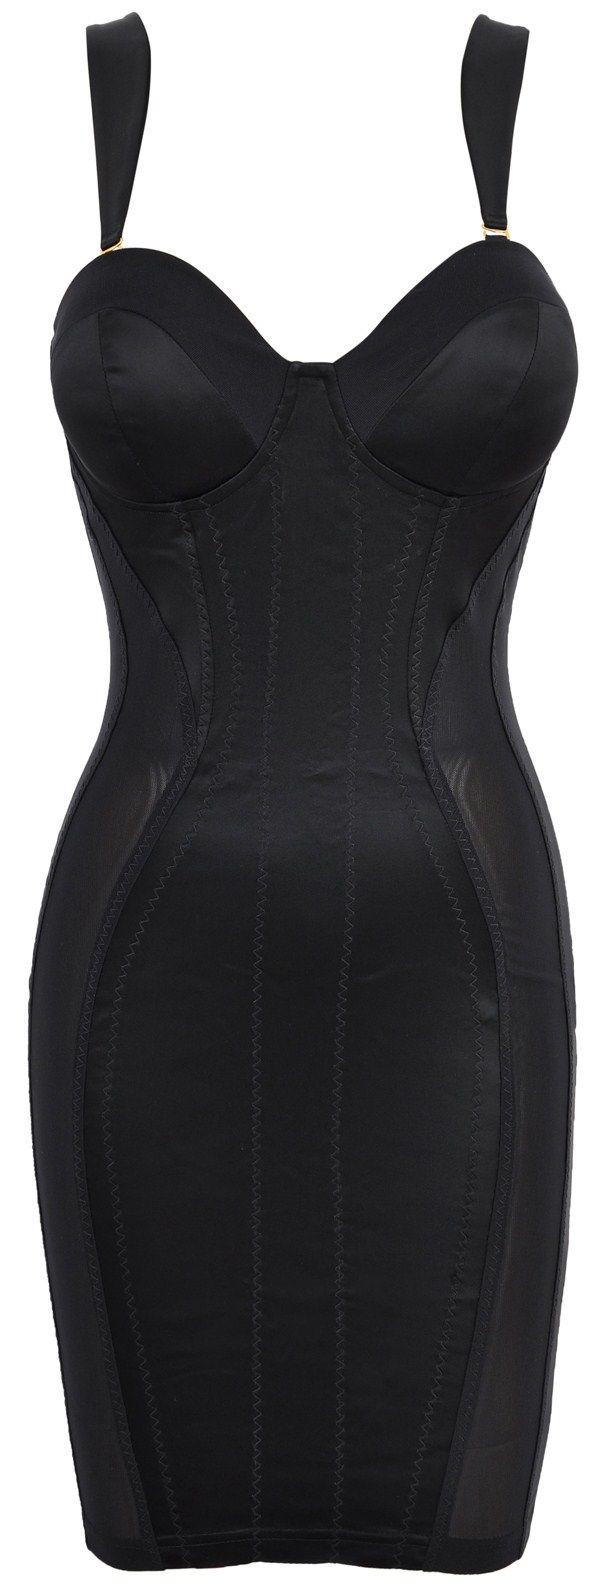 'Mistress' Black Satin & Mesh Corset Pencil Dress by Celeb Boutique. HOT!!